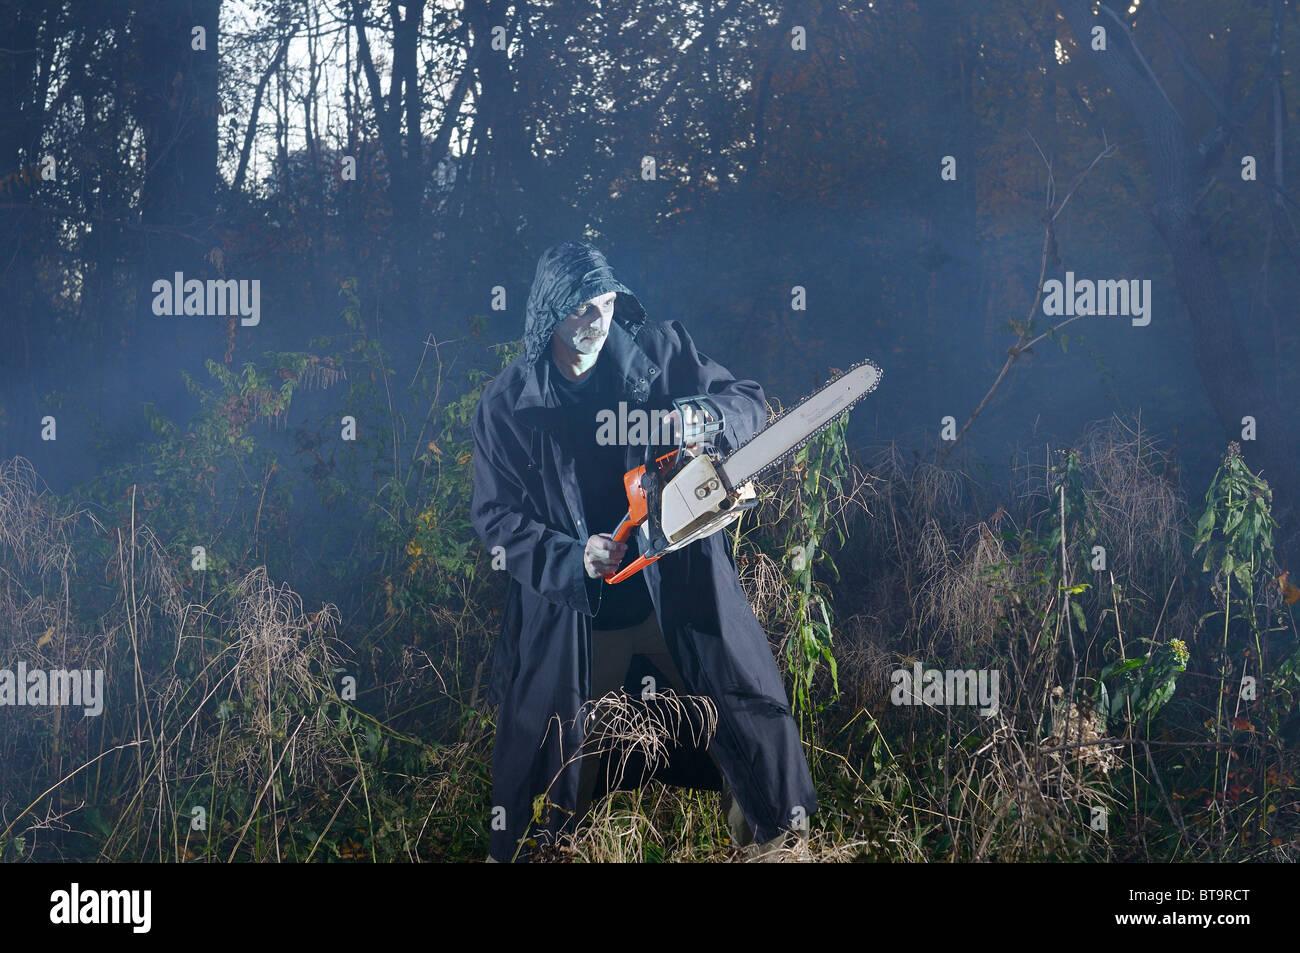 Unheimlich beängstigend Mann im schwarzen Mantel mit einer Kettensäge in einem nebligen Wald im Herbst Stockbild